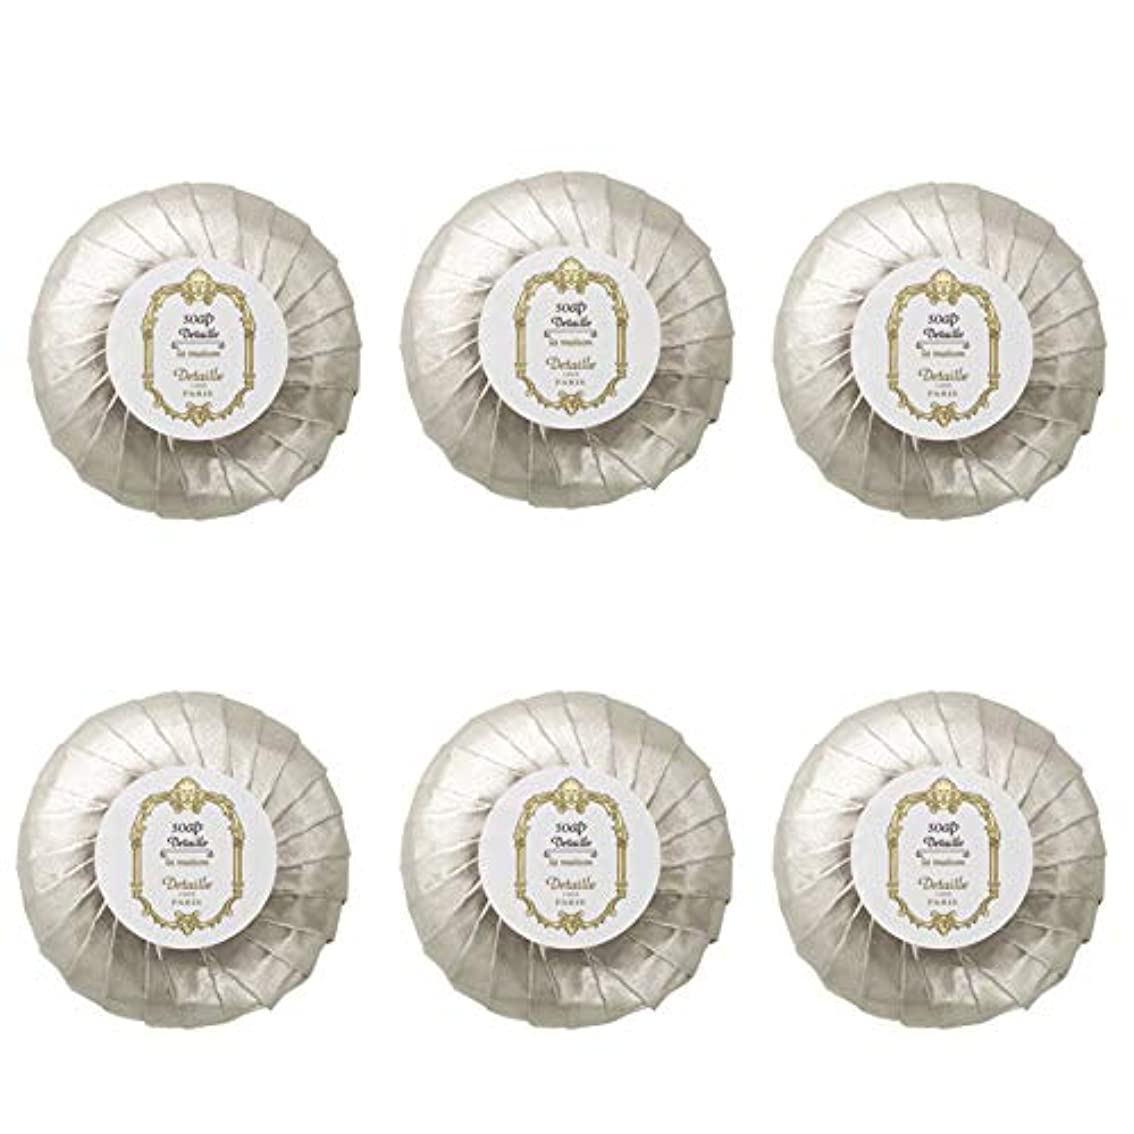 エコー流すペグPOLA デタイユ ラ メゾン スキンソープ 固形石鹸 (プリーツ包装) 50g×6個